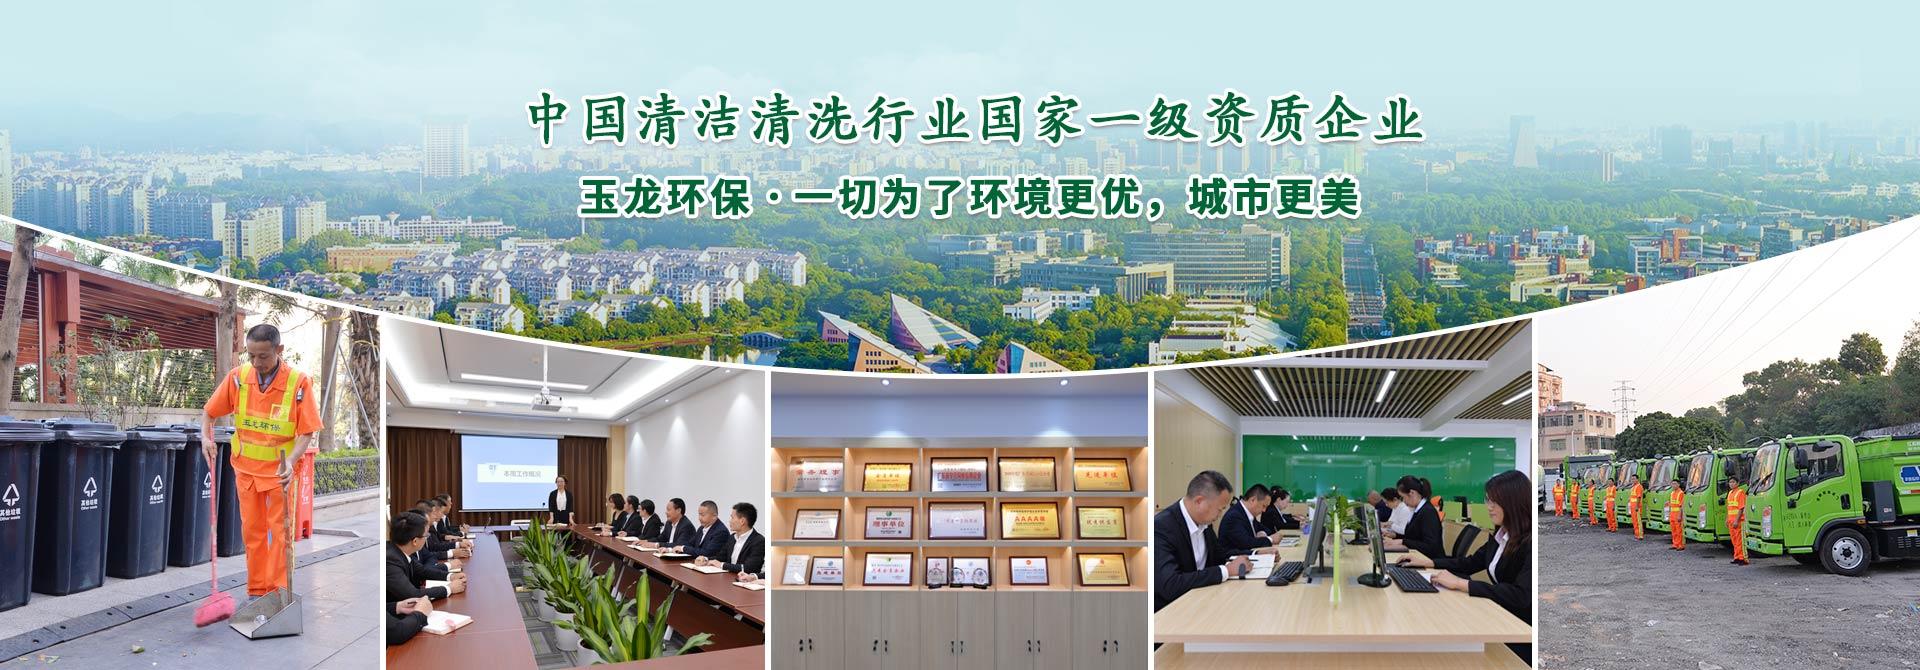 玉龙环保-中国清洗行业国家一级资质企业